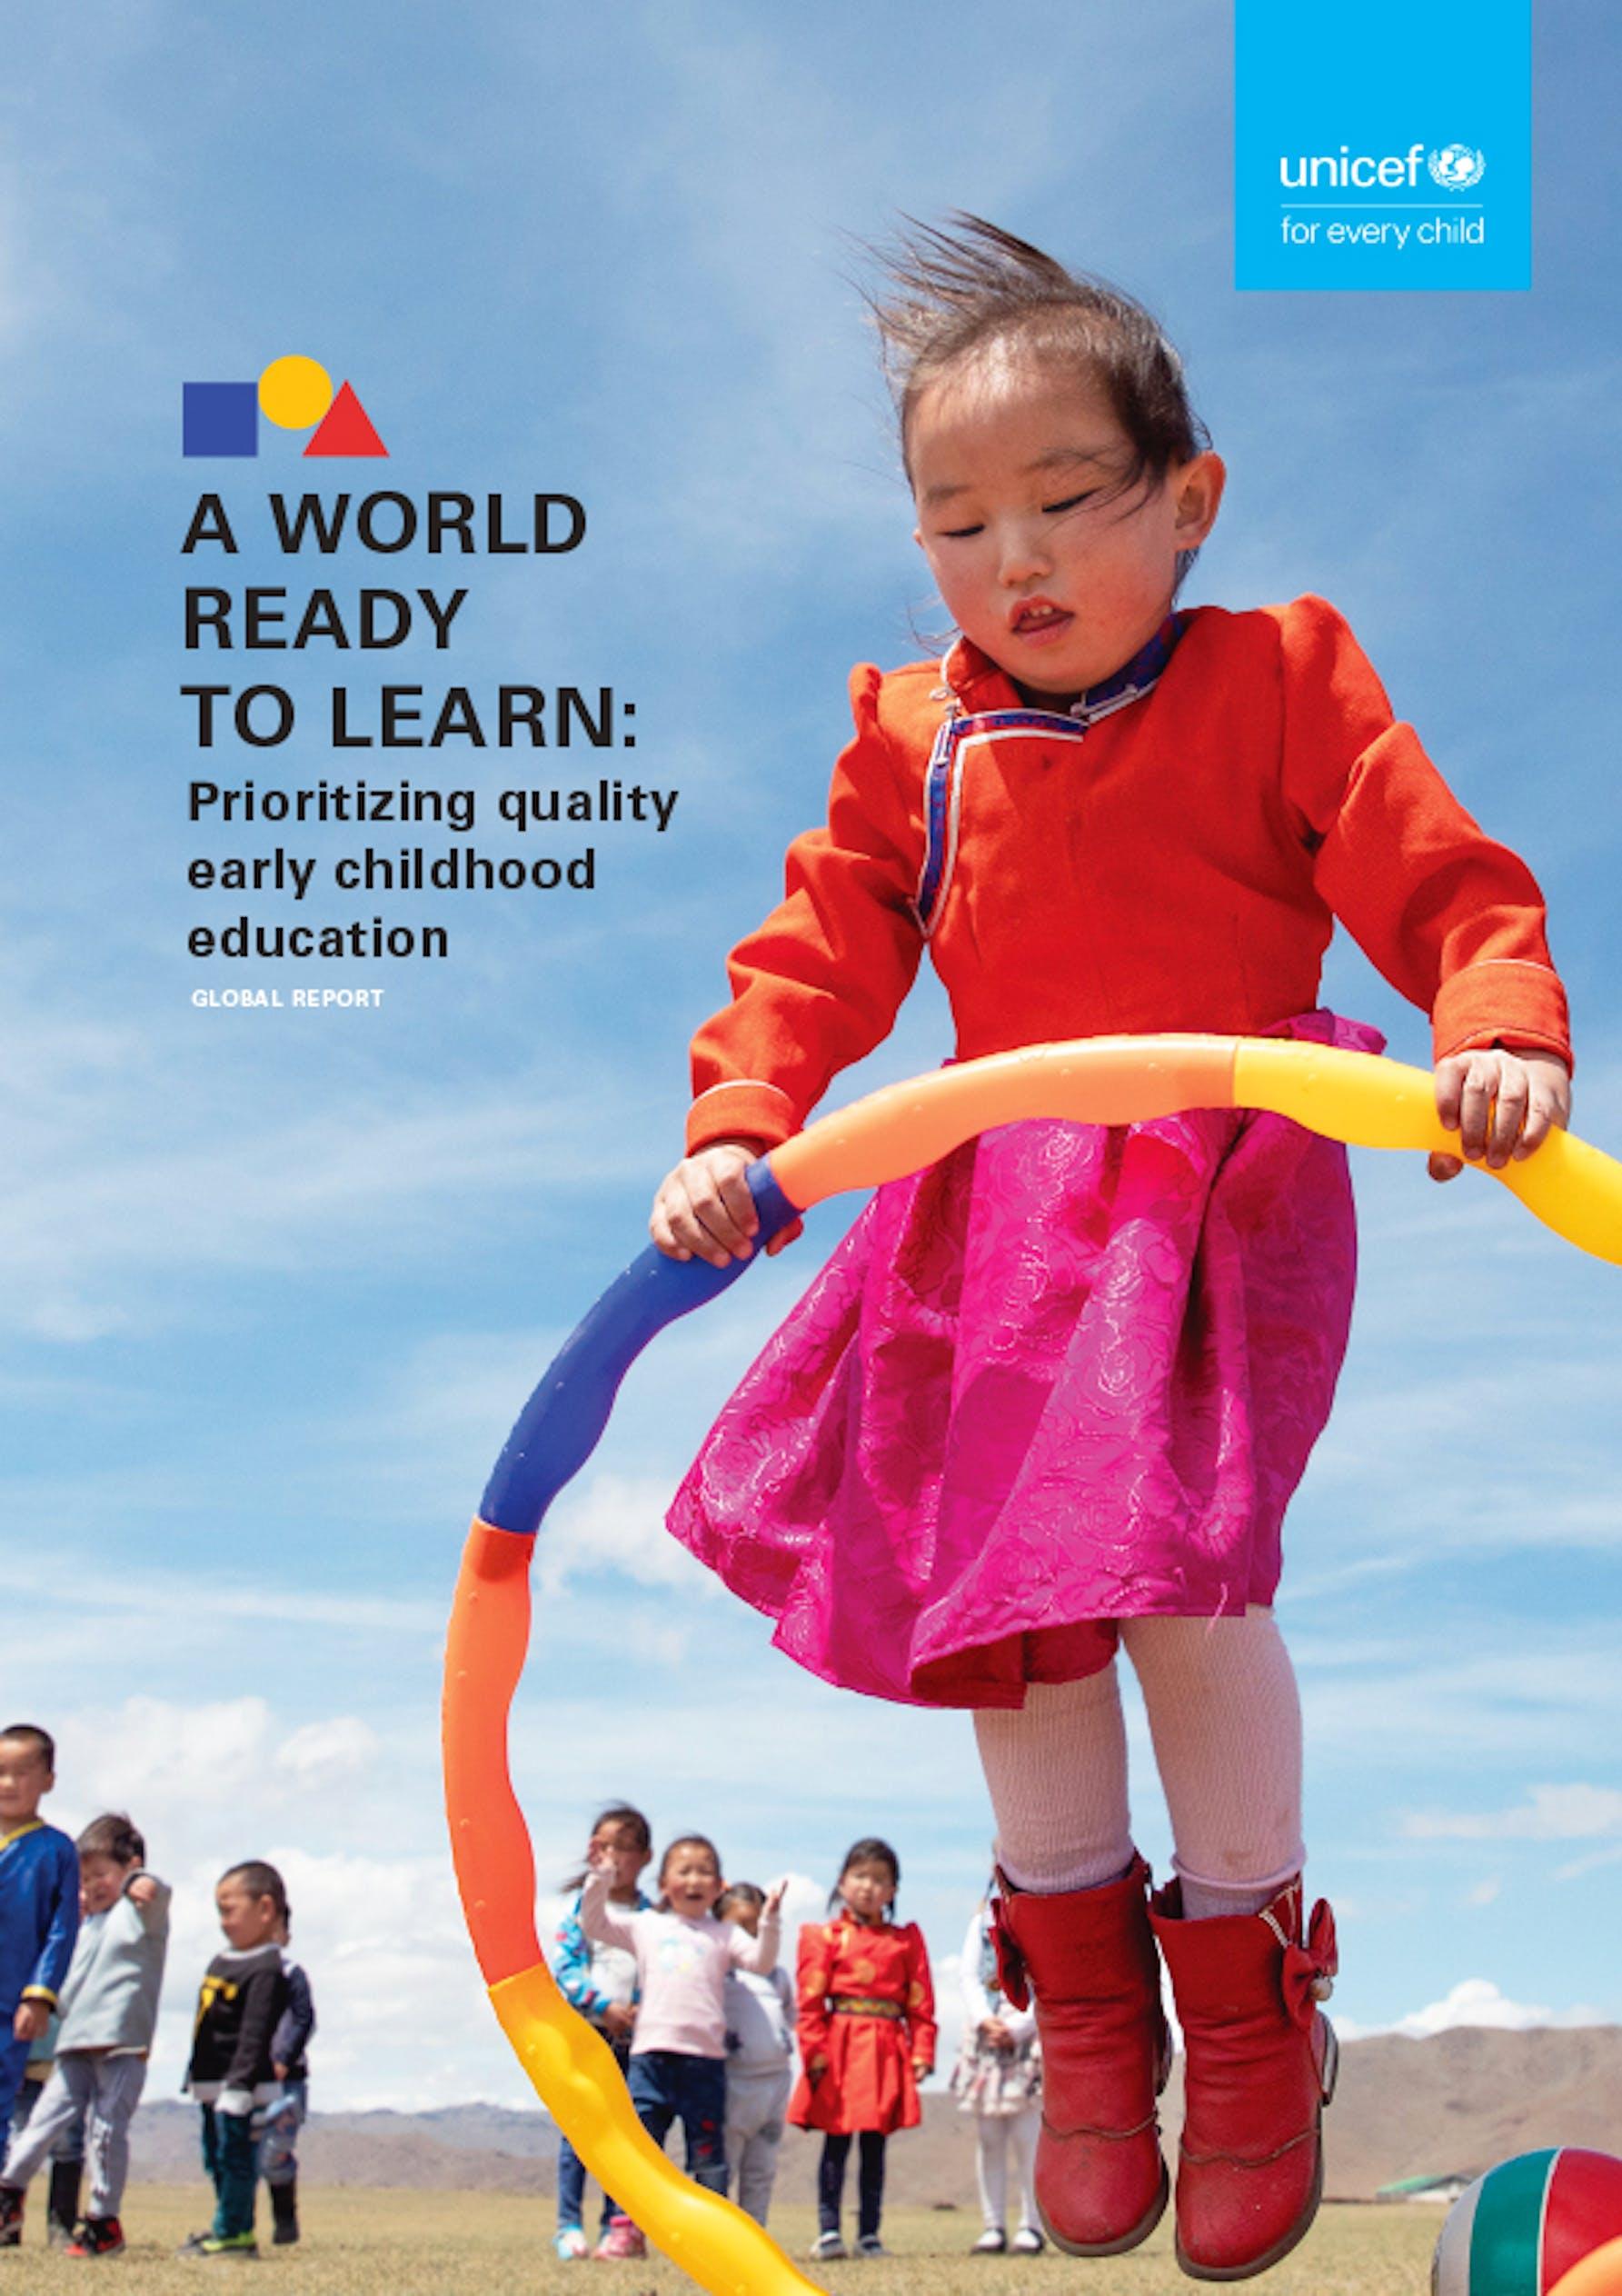 Nel mondo 175 milioni di bambini senza scuola per l'infanzia